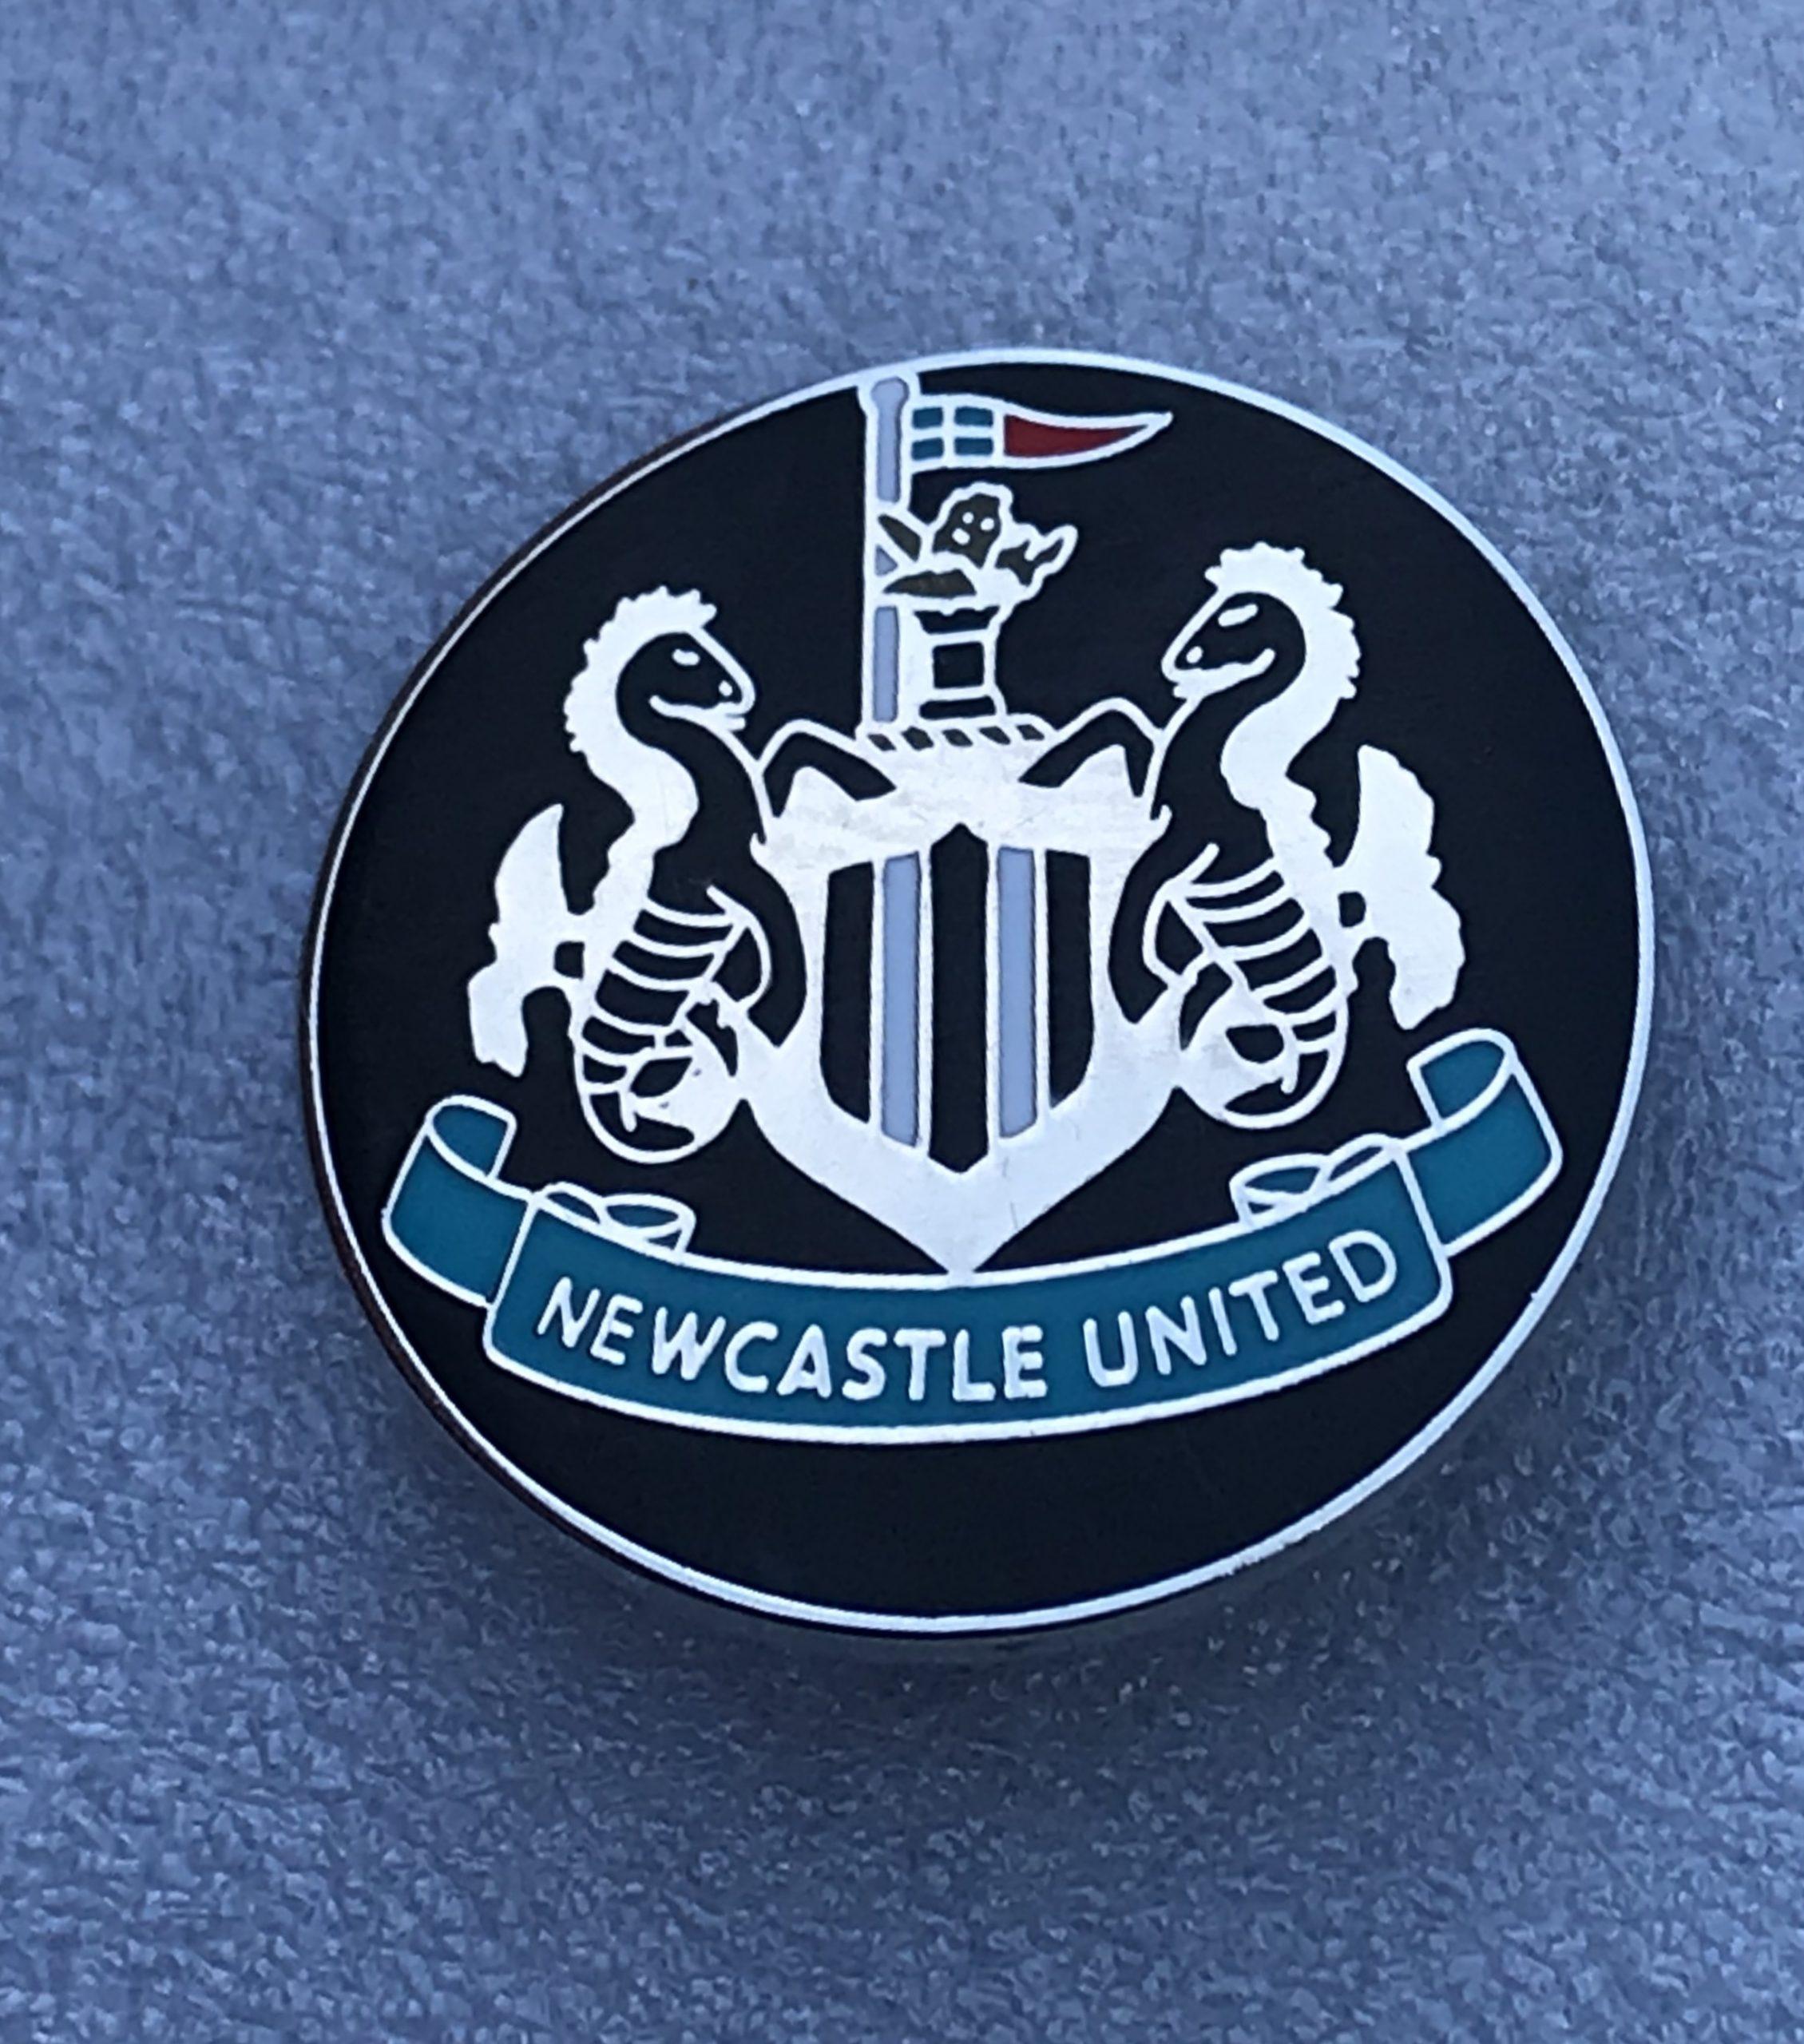 Newcastle United - Round Crest Design (5) - The Brummie ...